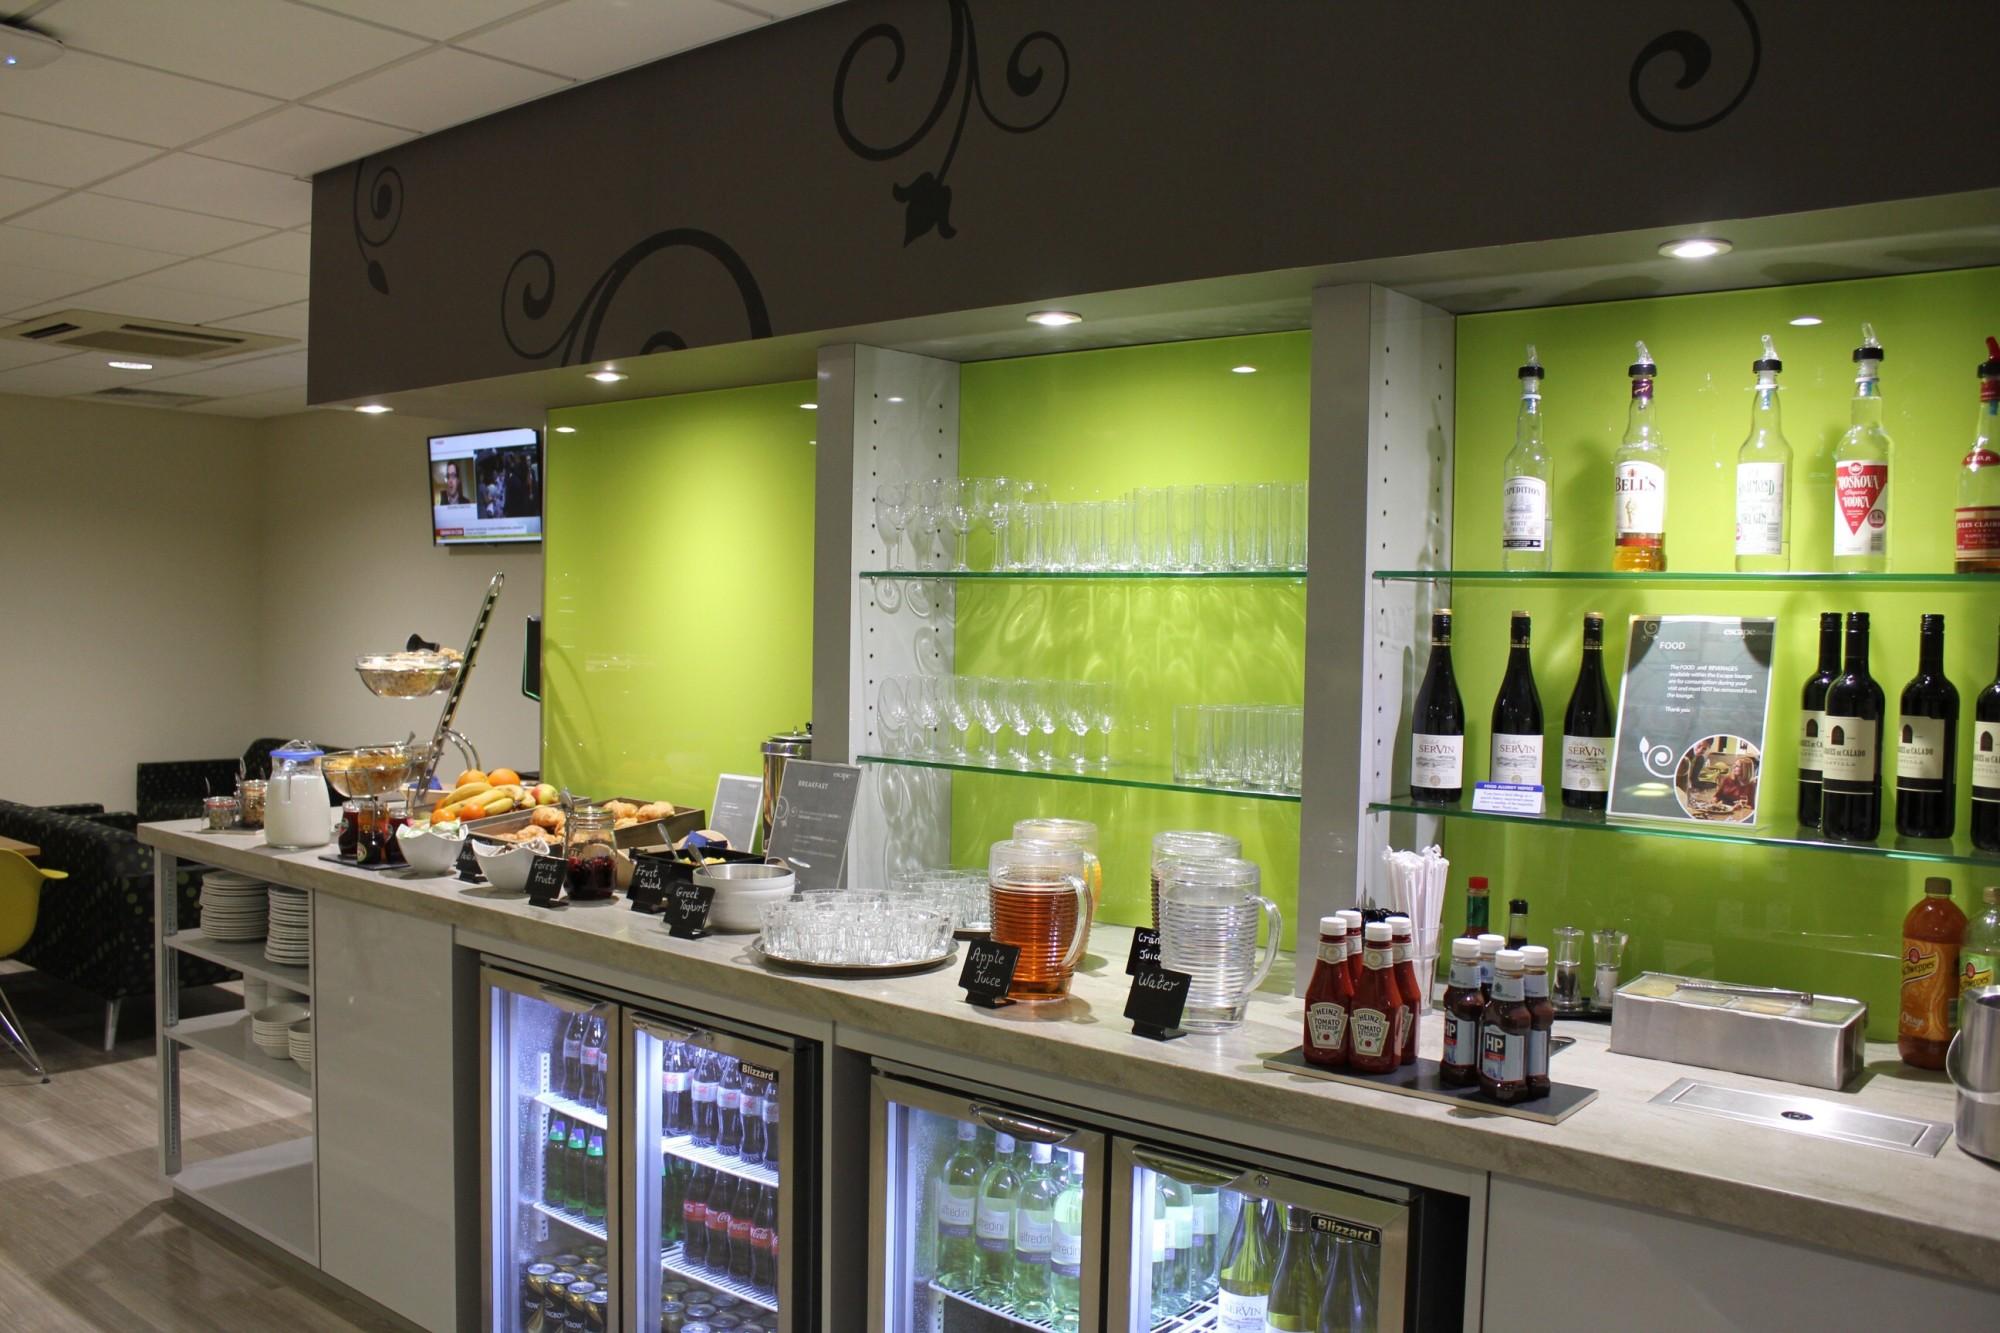 escape lounge manchester airport t2 deals